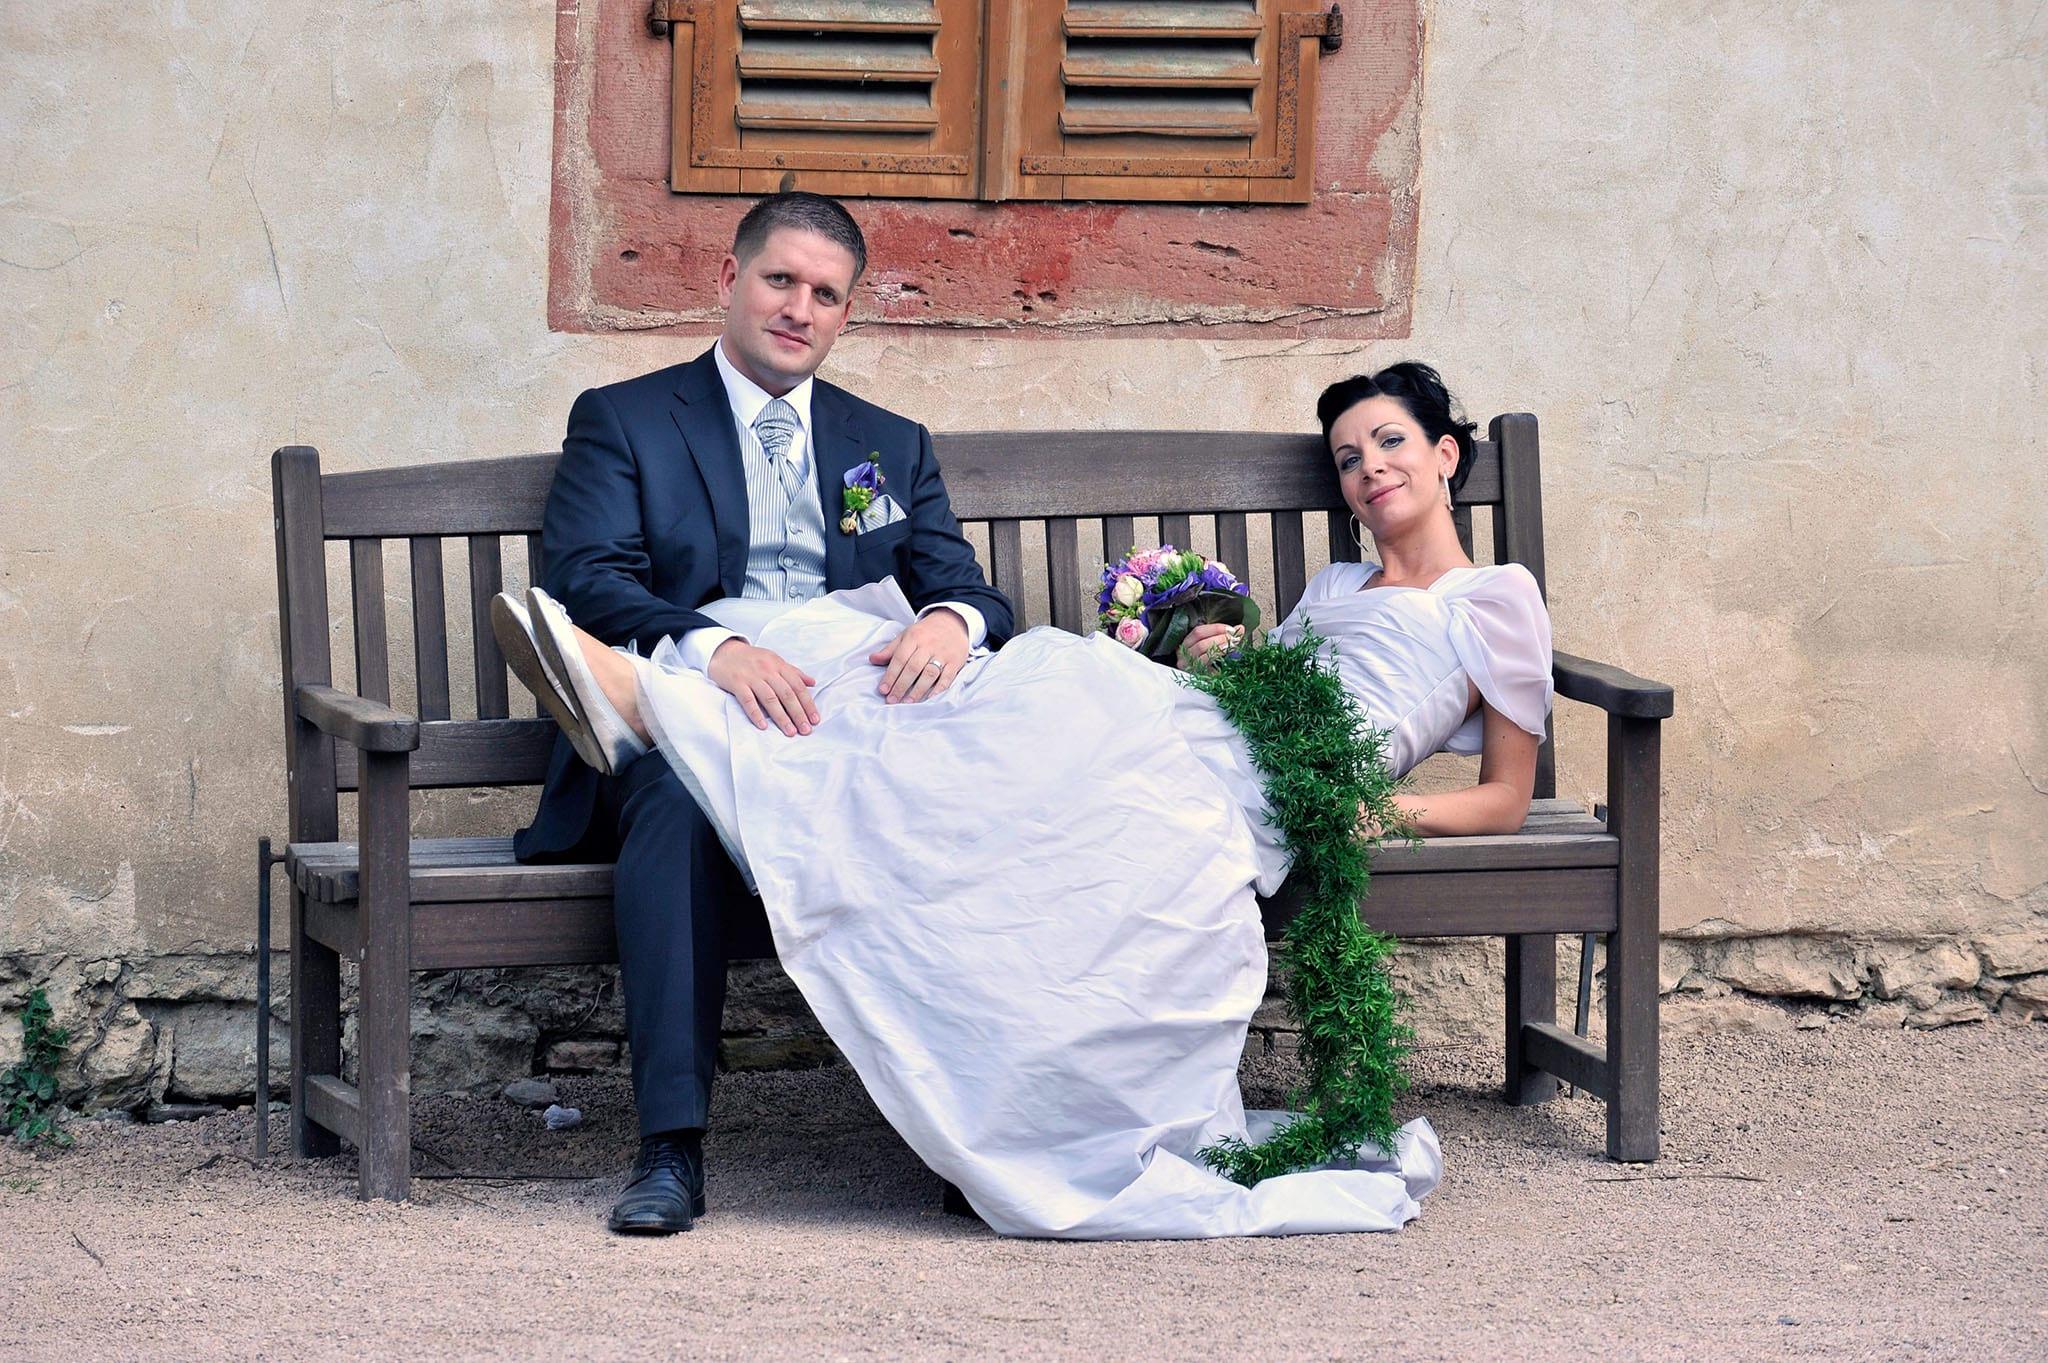 Hochzeit 022 Brautpaar Braut Bräutigam Hochzeit heiraten Hochzeitsfoto Ehe Brautkleid Anzug Hochzeitsfotografie Daniel Fuss Fotografie